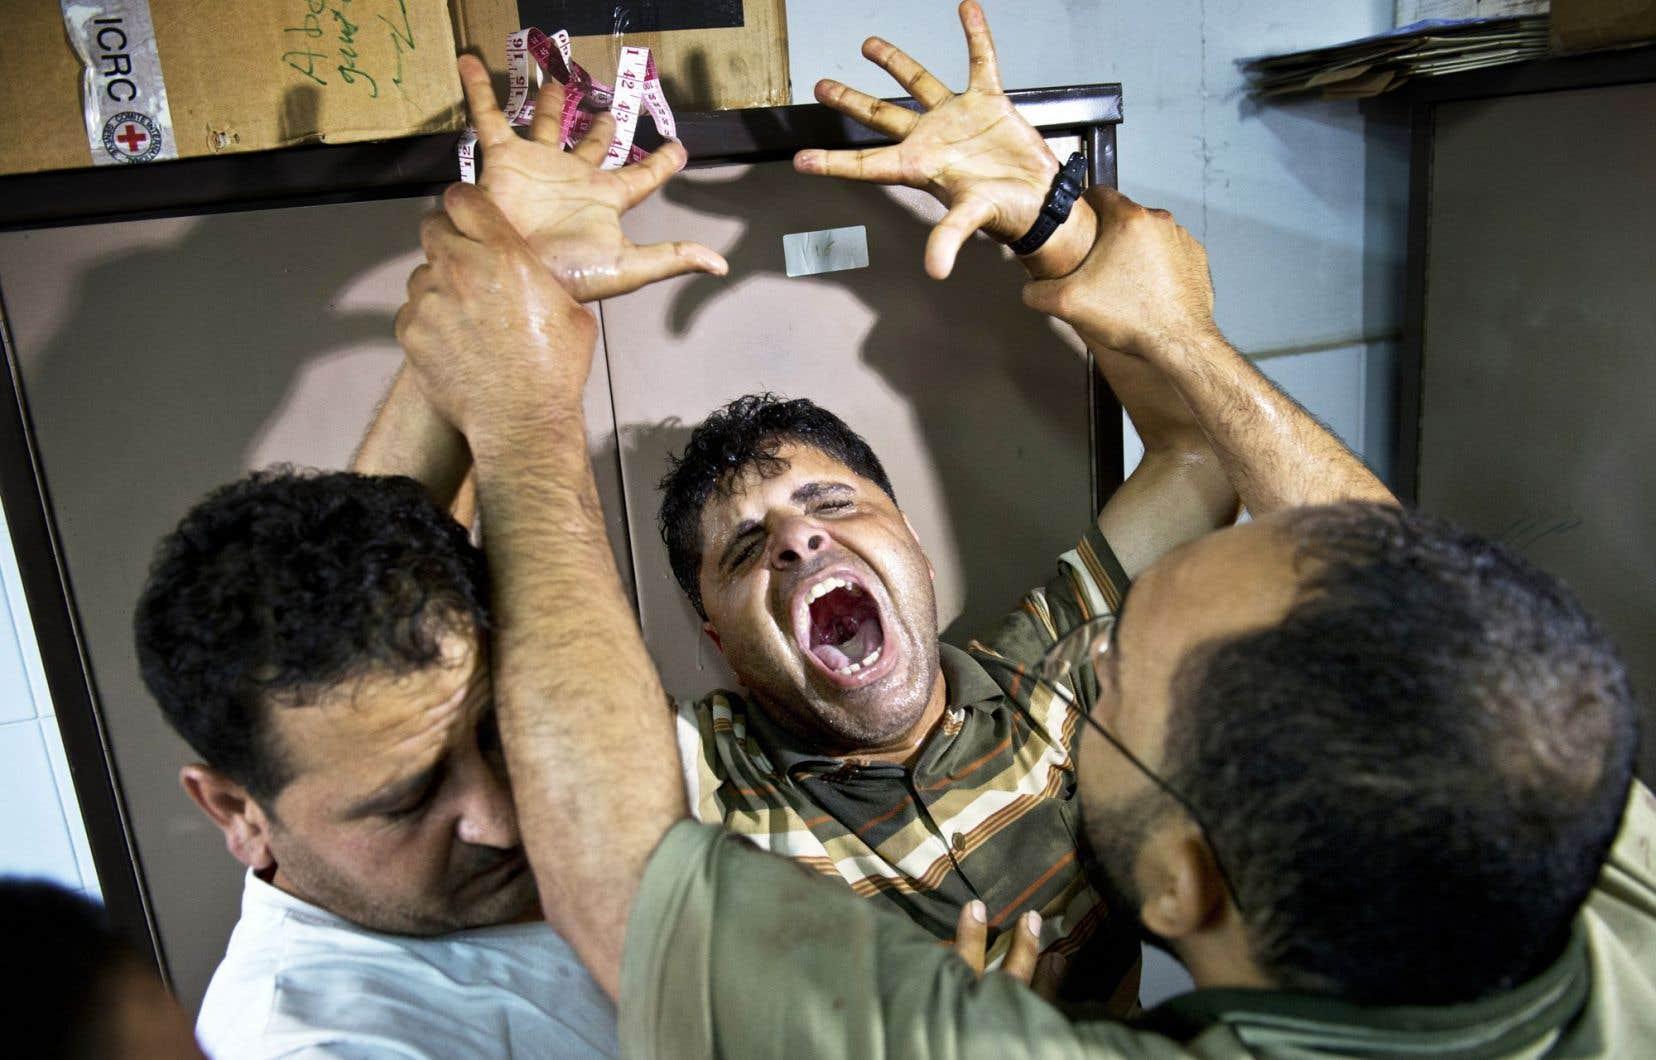 Les morts provoquées par le régime israélien à Gaza contribuent à alimenter la haine de l'Occident au Proche-Orient.